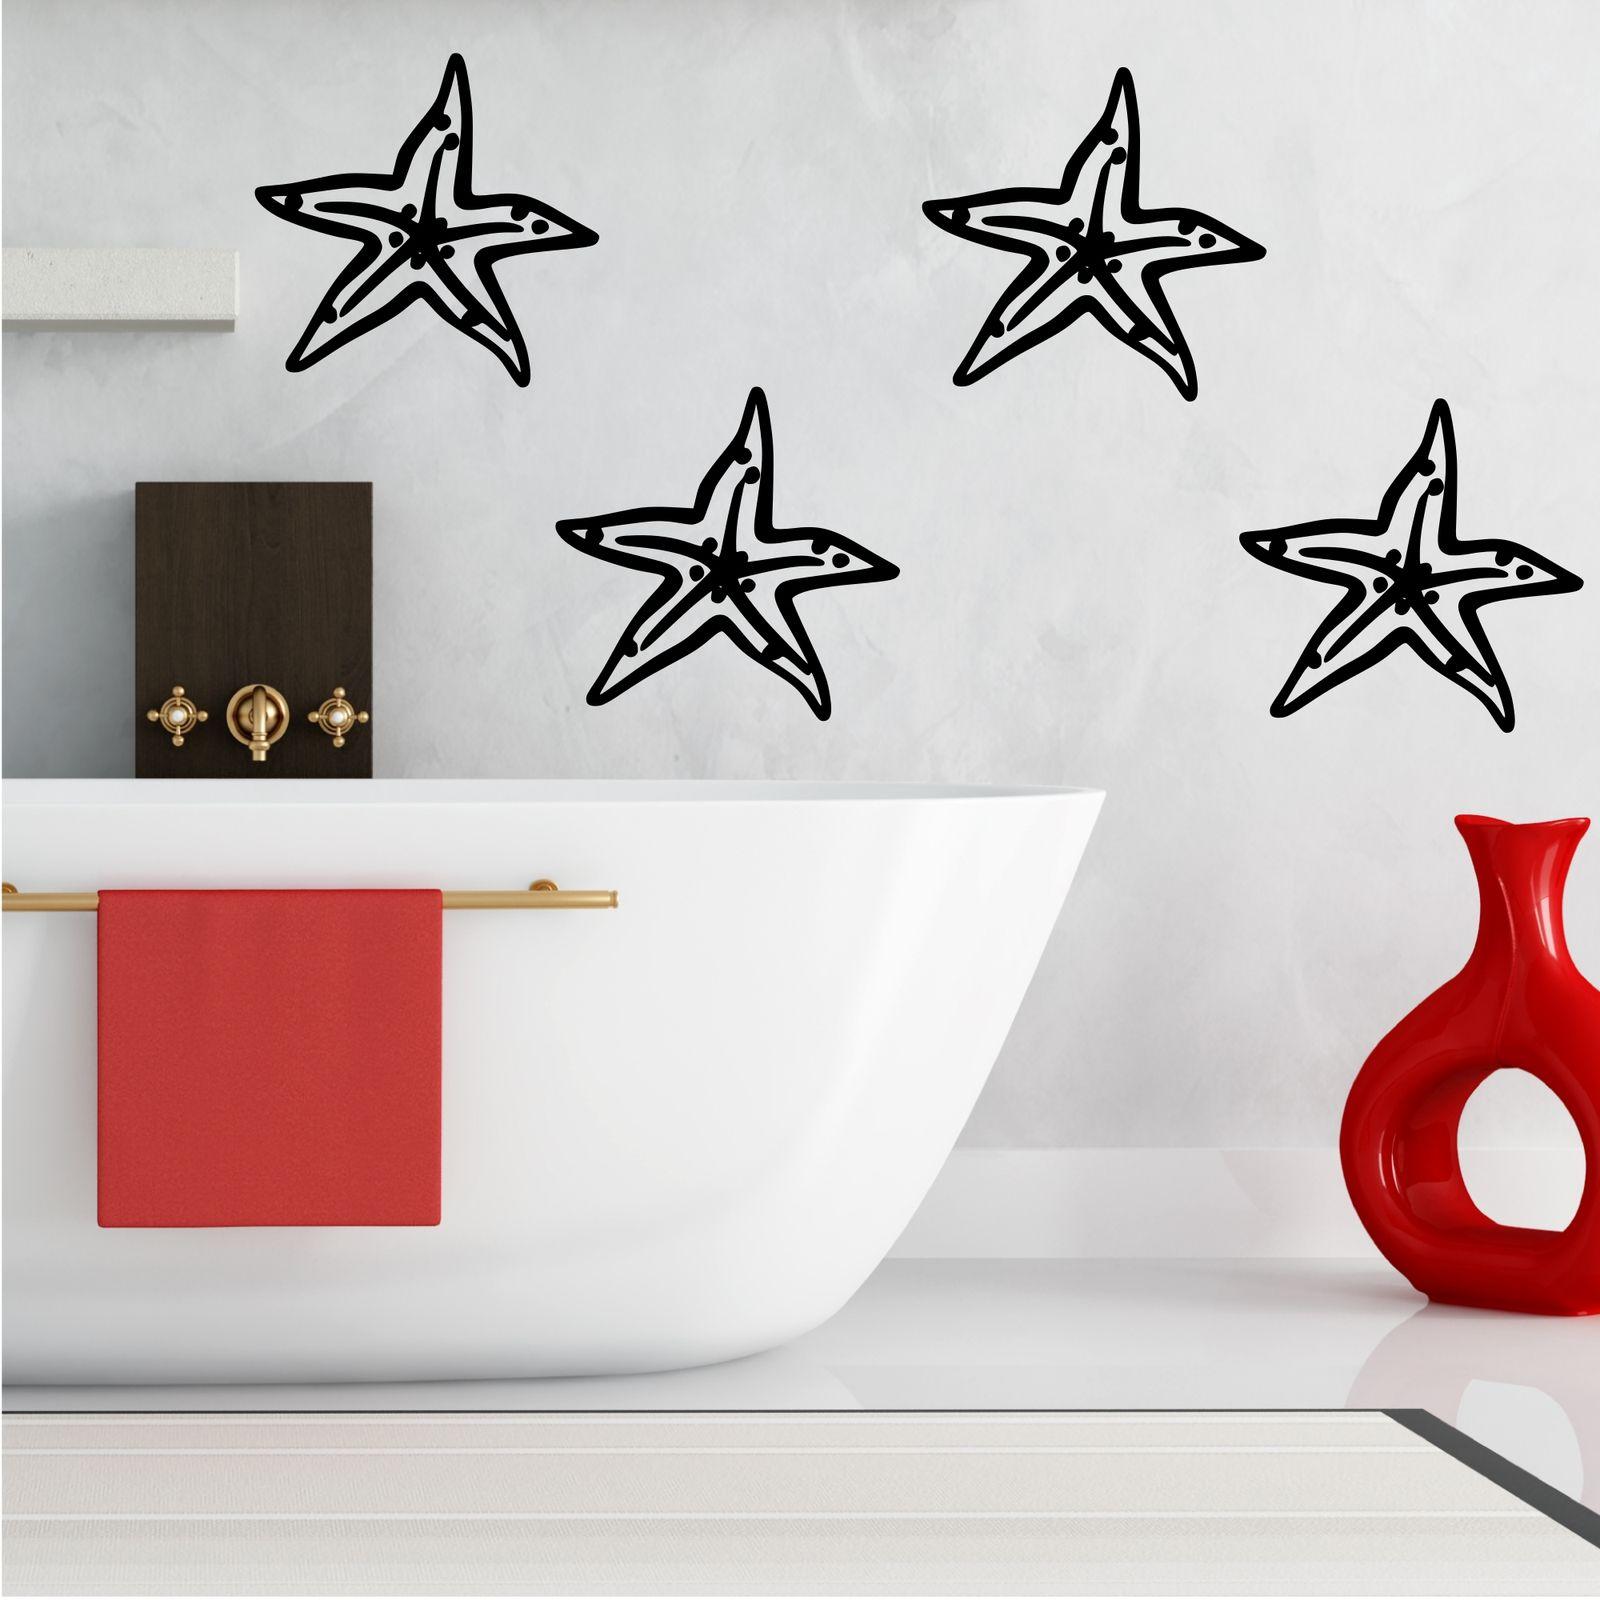 Wall Sticker Bathroom 4 Starfish Luxury Wall Sticker Bathroom Decal Transfer Mural